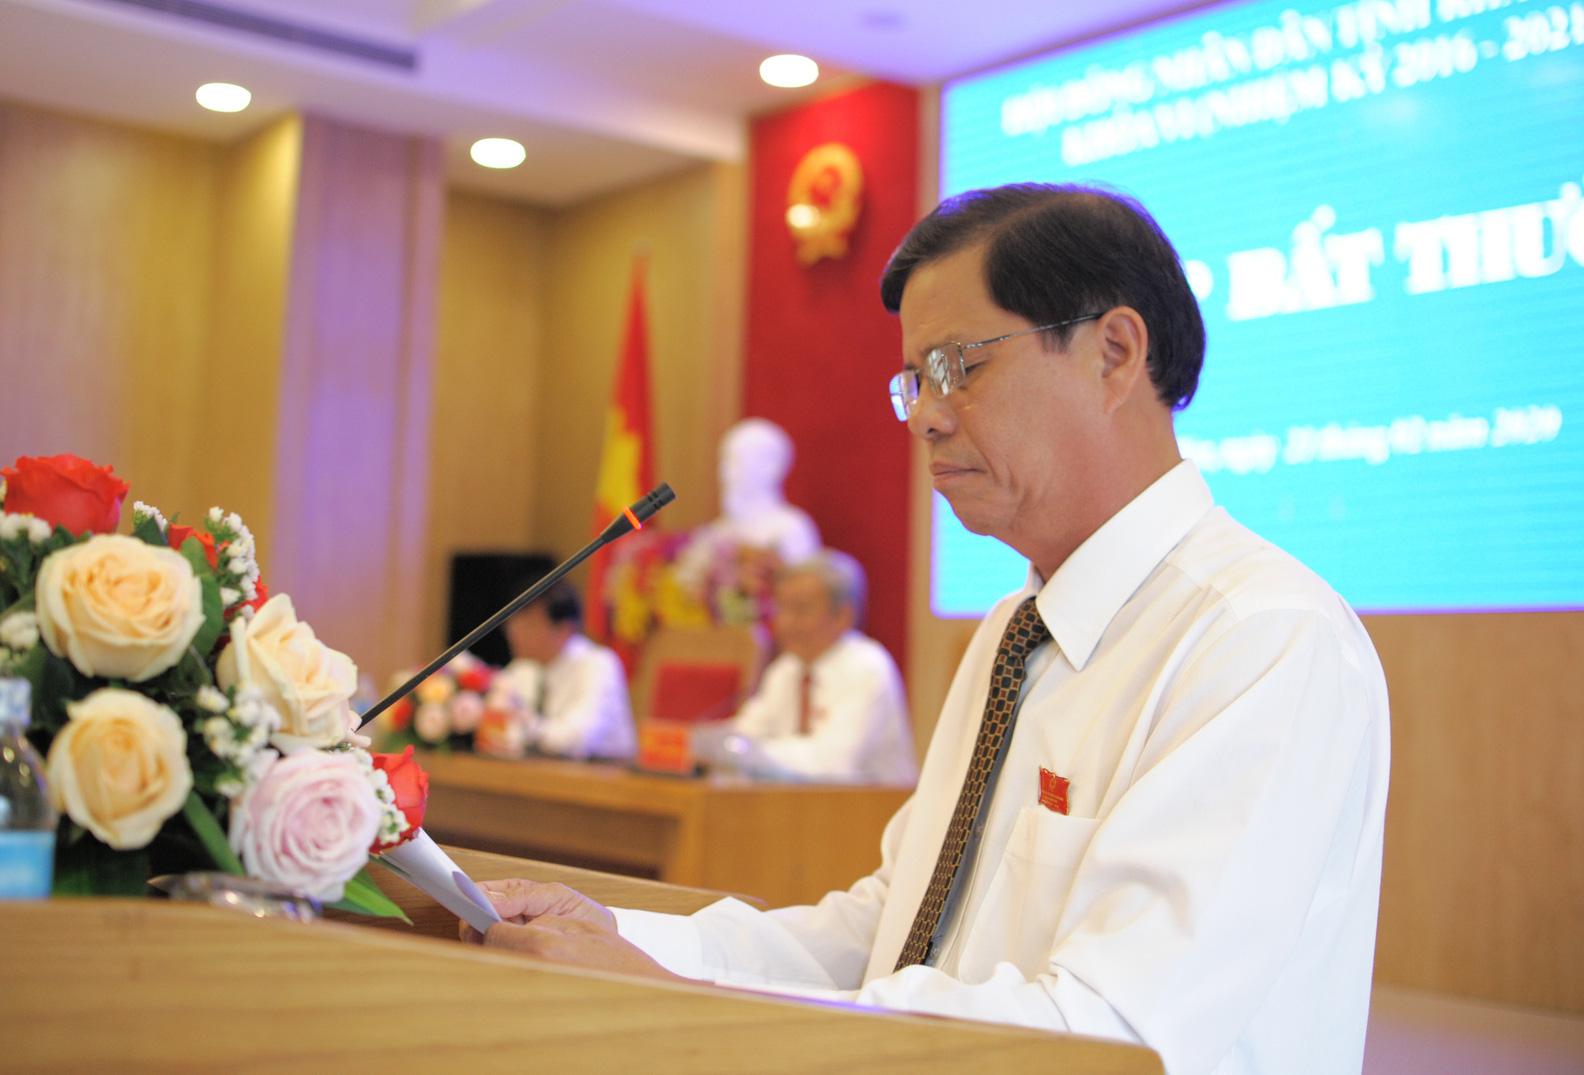 Tân chủ tịch Khánh Hòa Nguyễn Tấn Tuân: Có thể cấp sổ cho condotel trên địa bàn tỉnh - Ảnh 1.